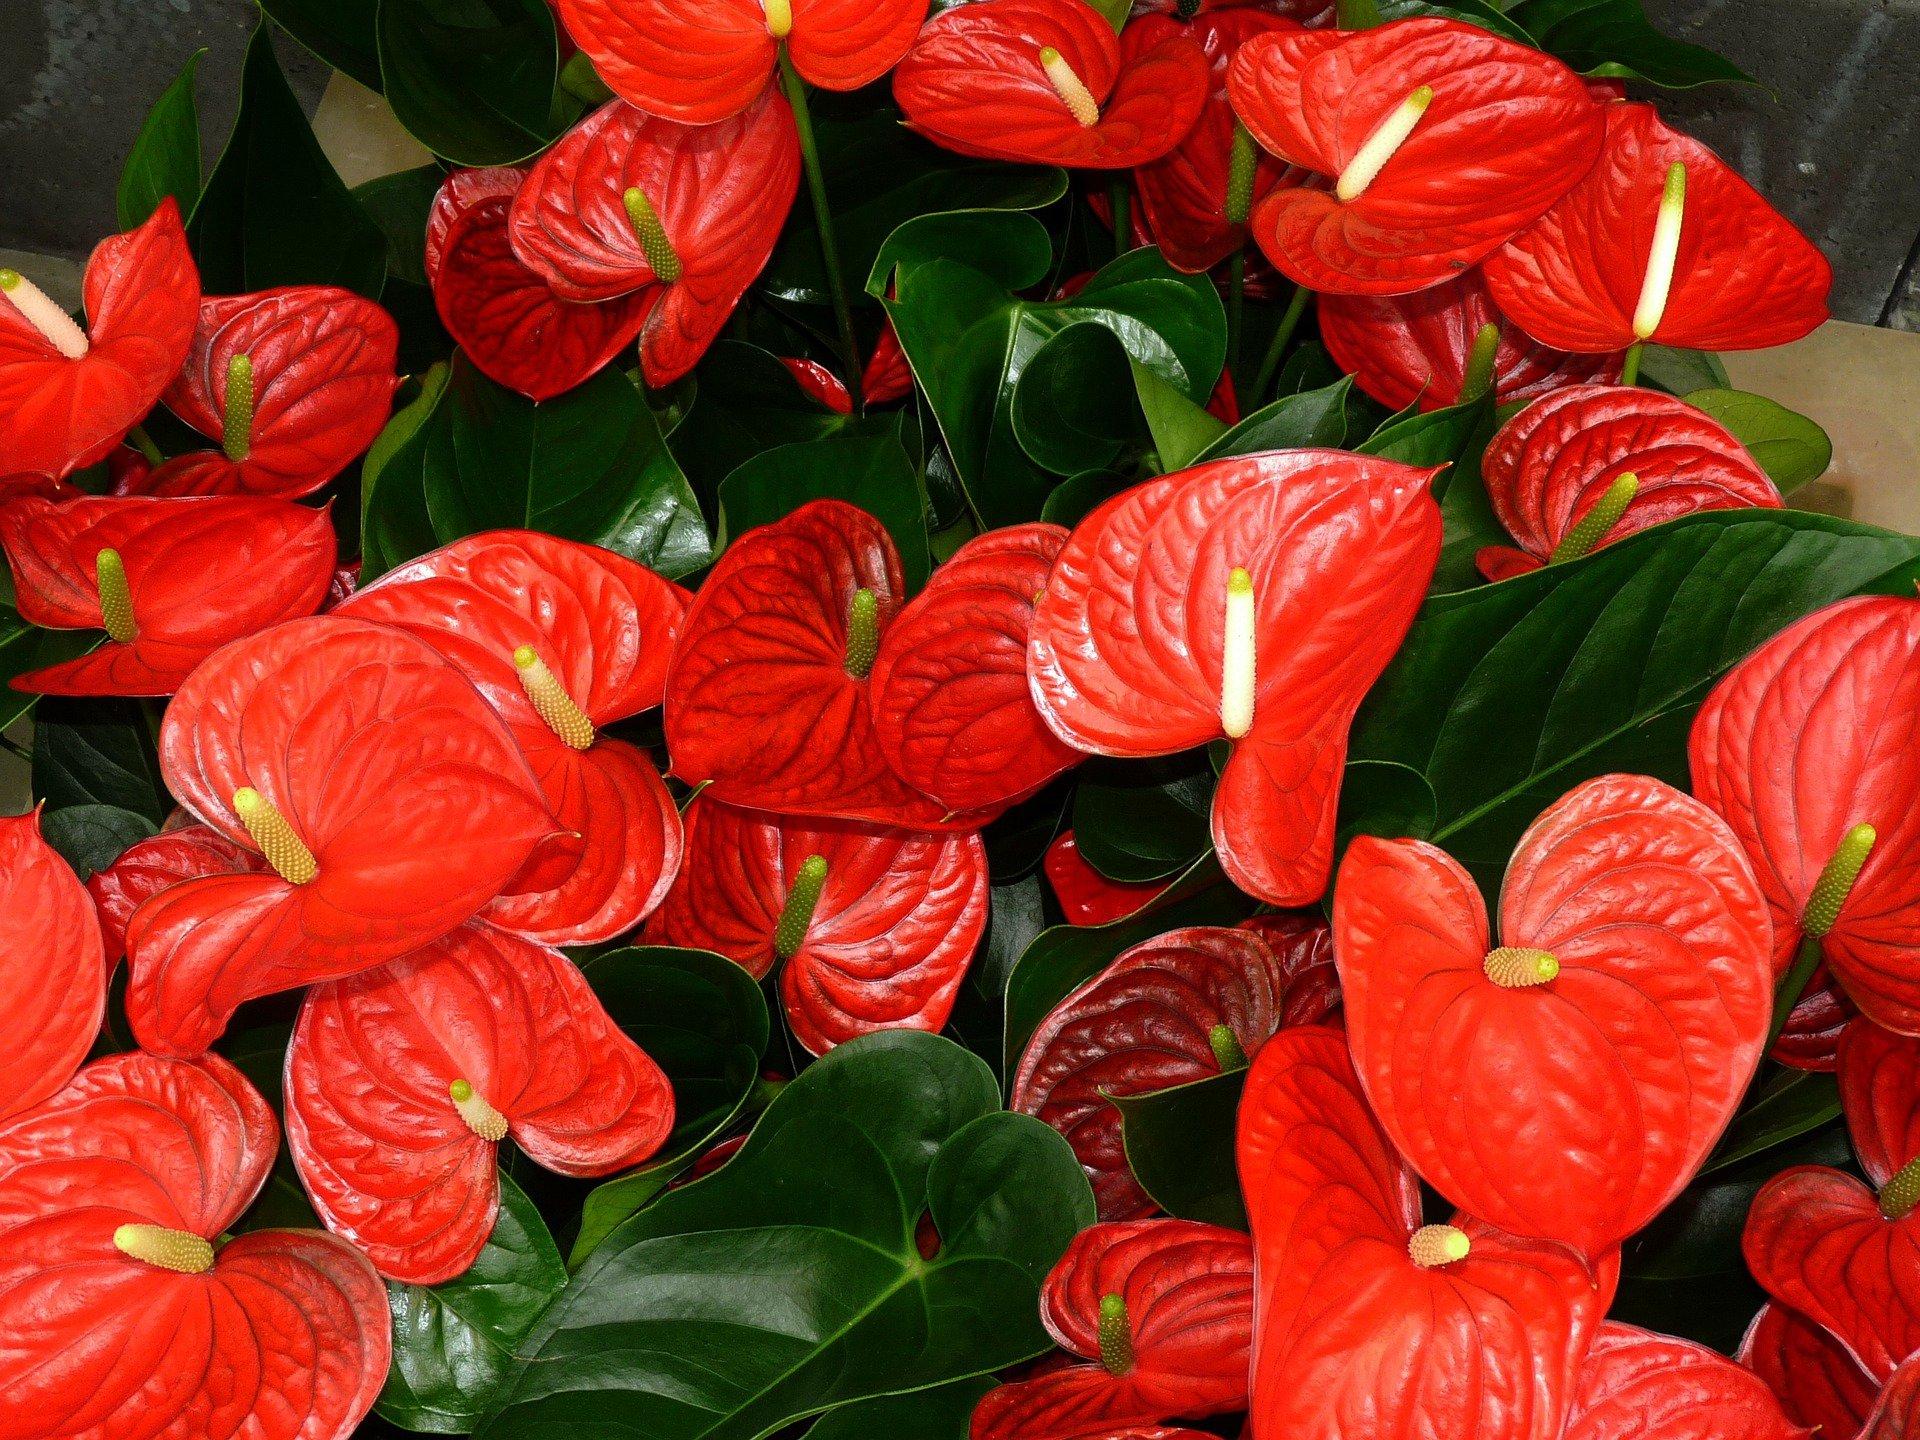 flores-tropicais-anturio